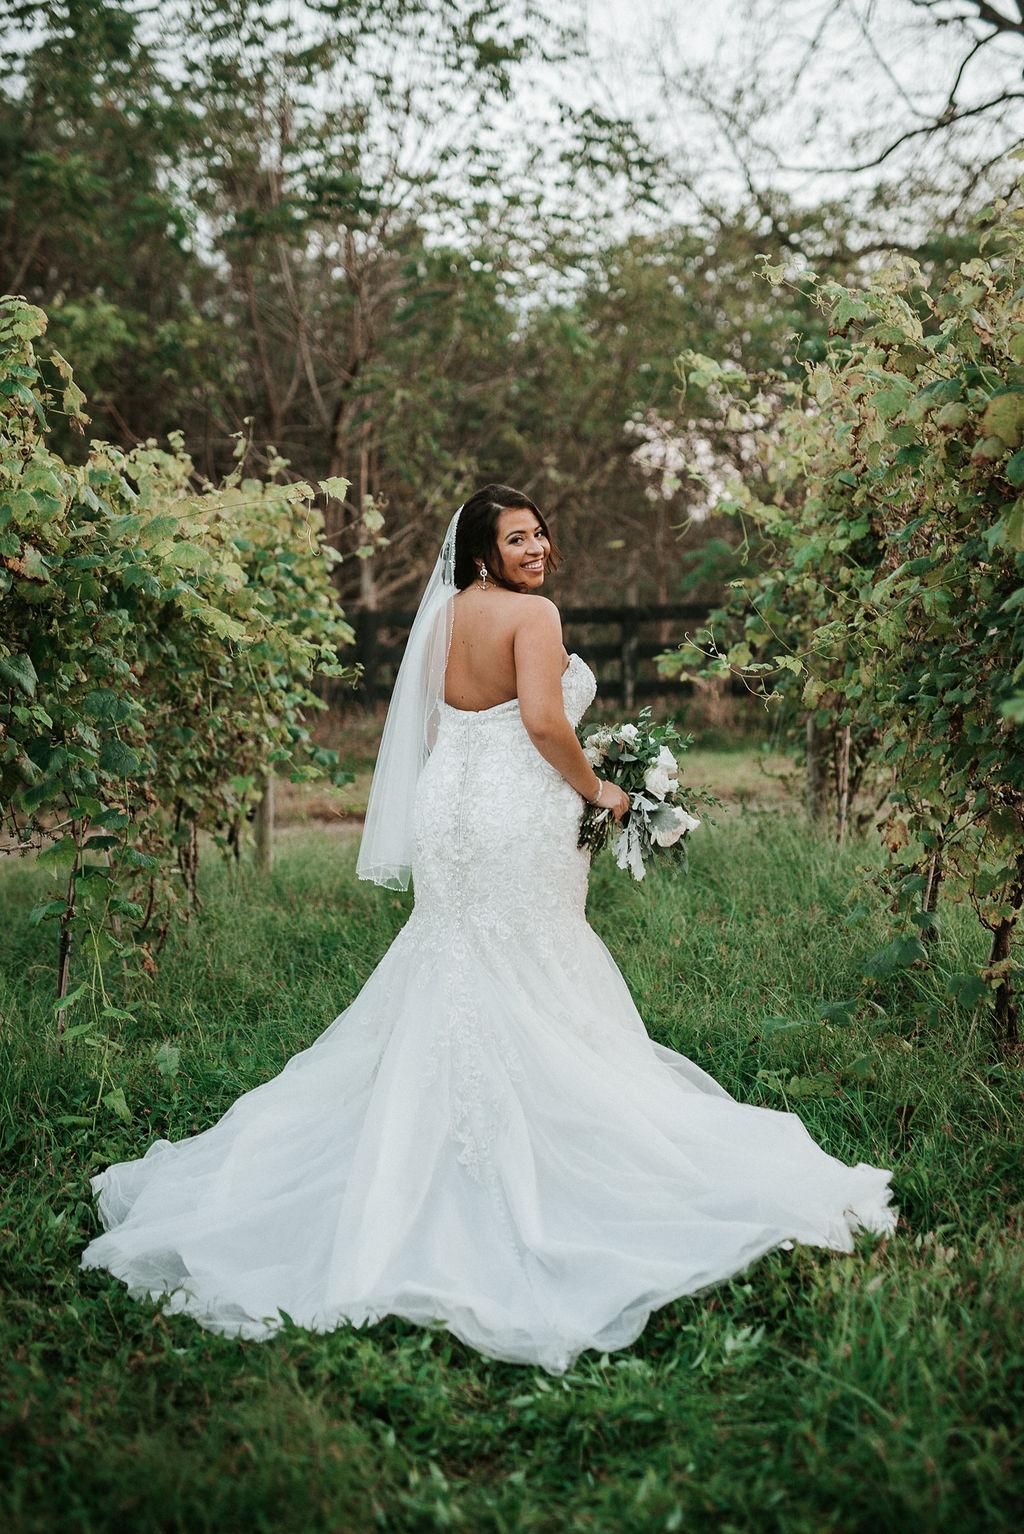 Bride Portrait at Blue Valley Vineyard